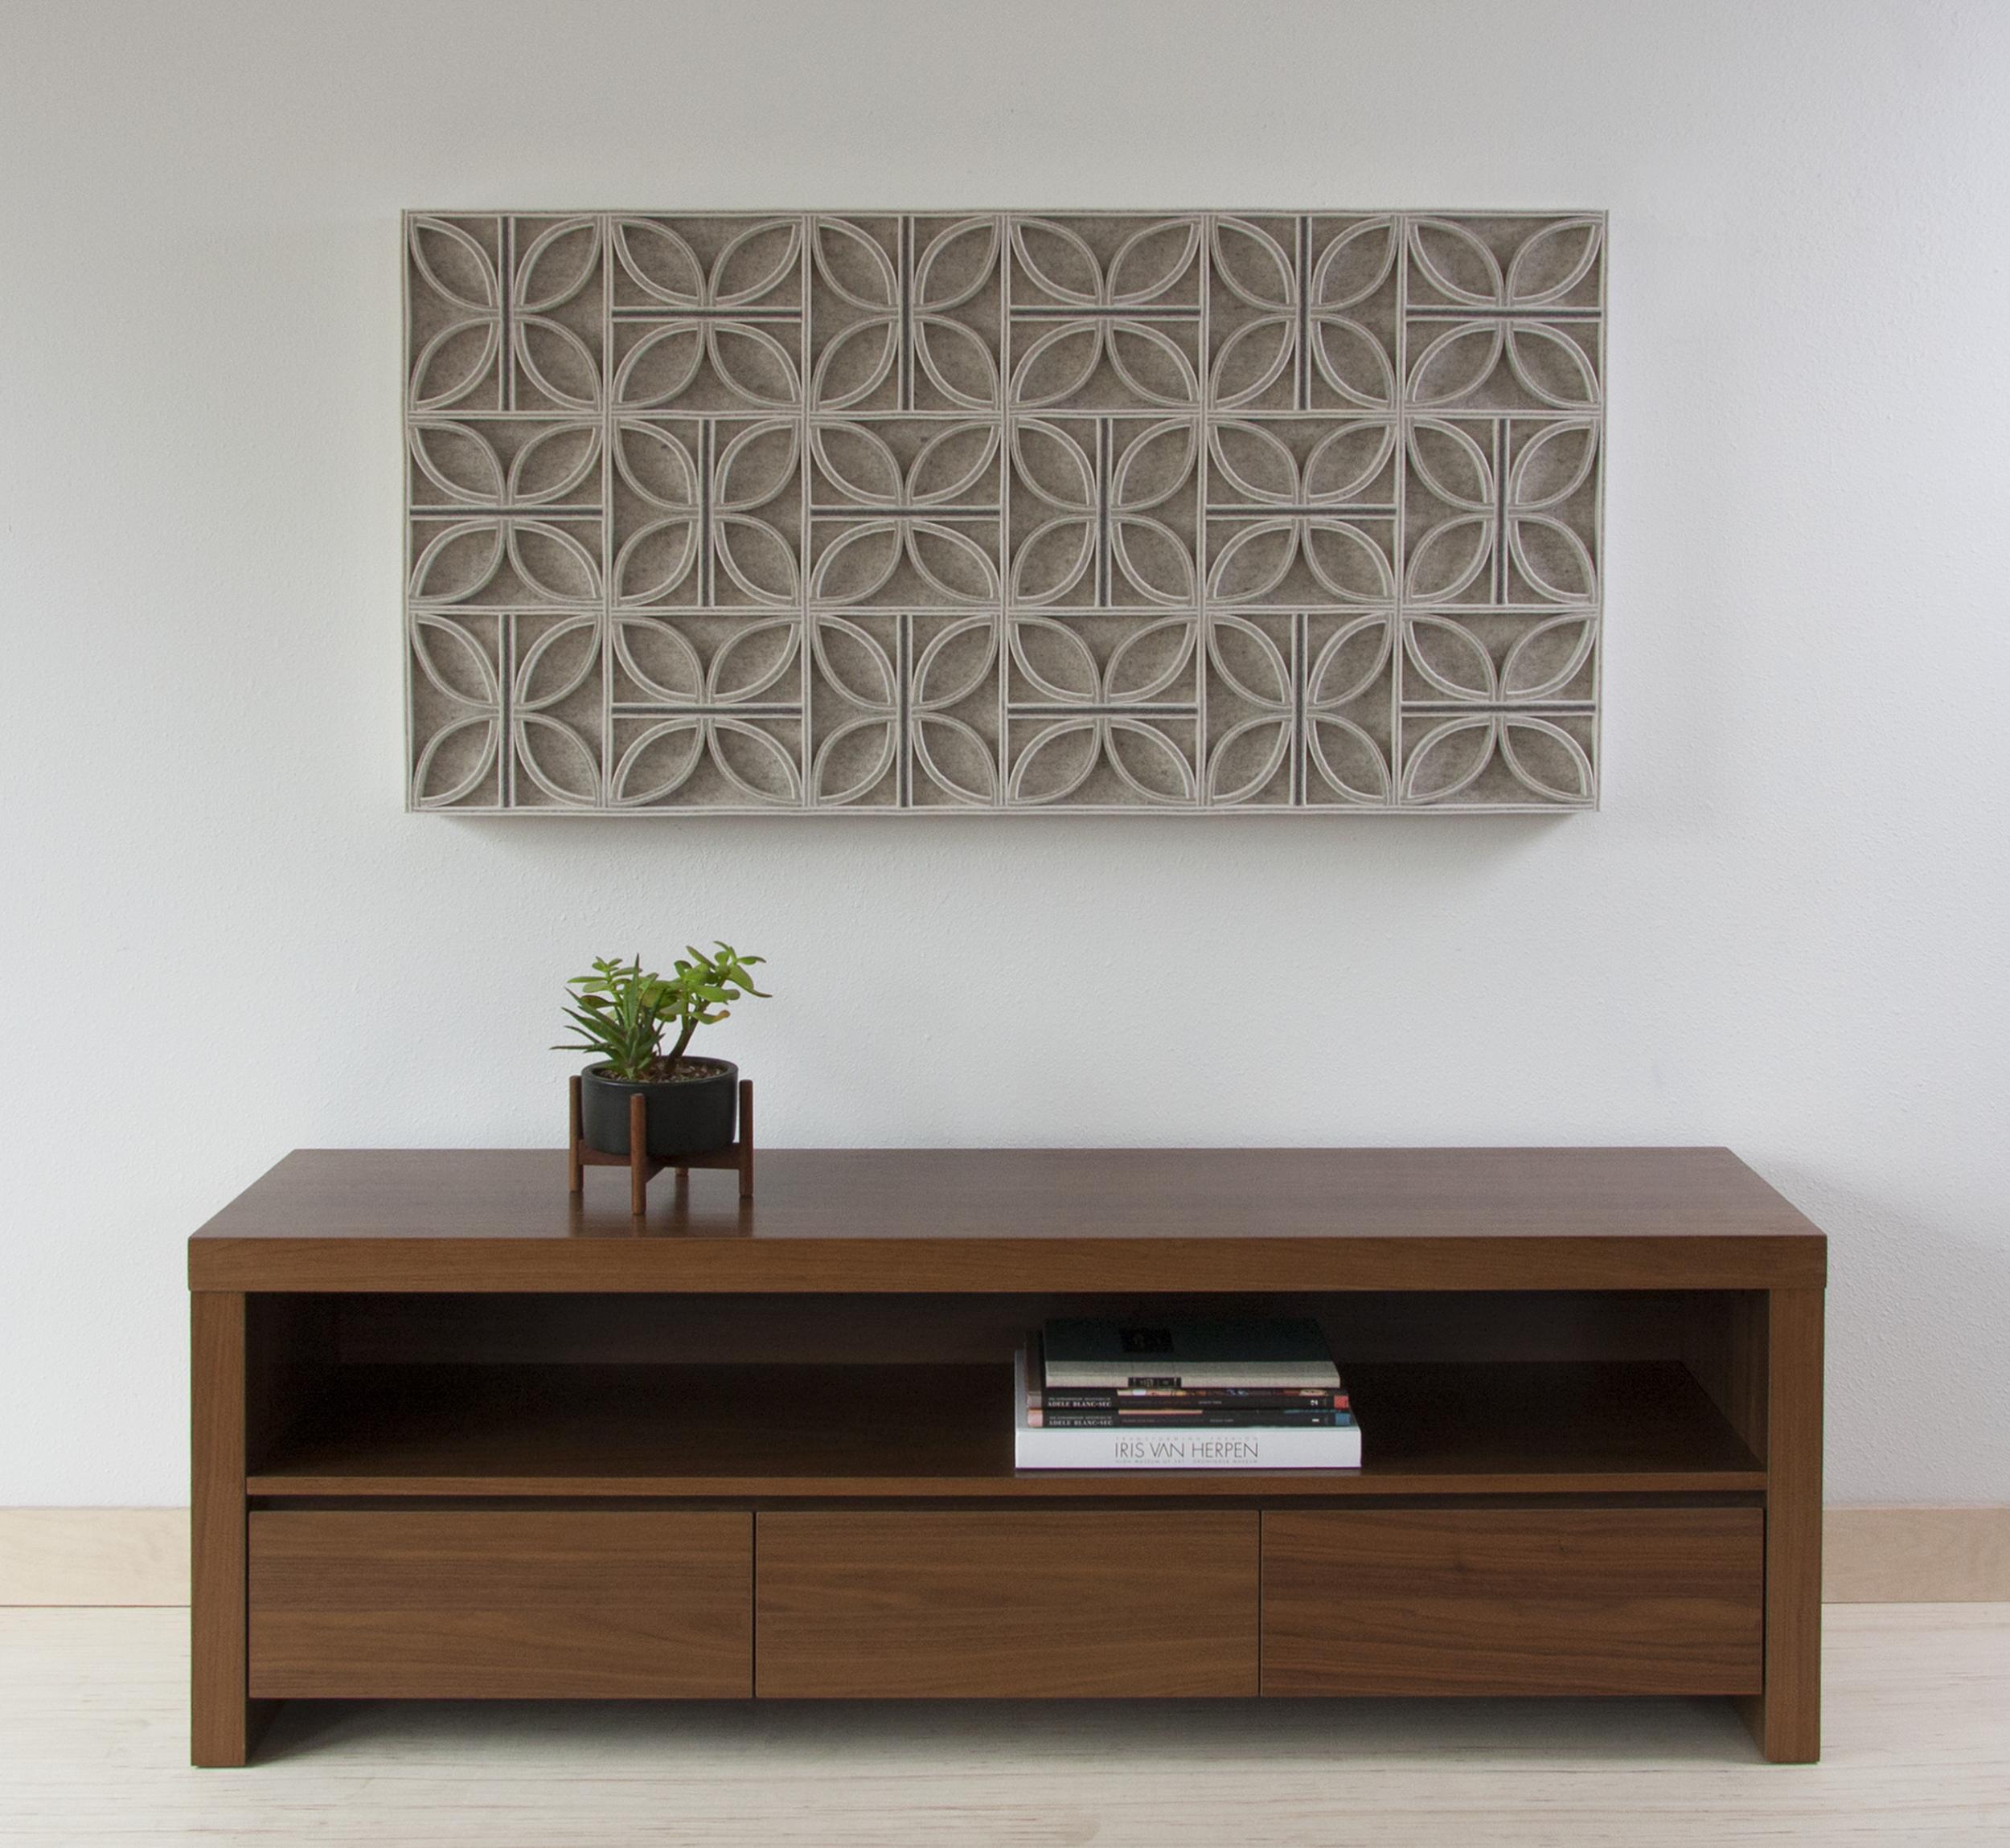 Diade Wall Panels -